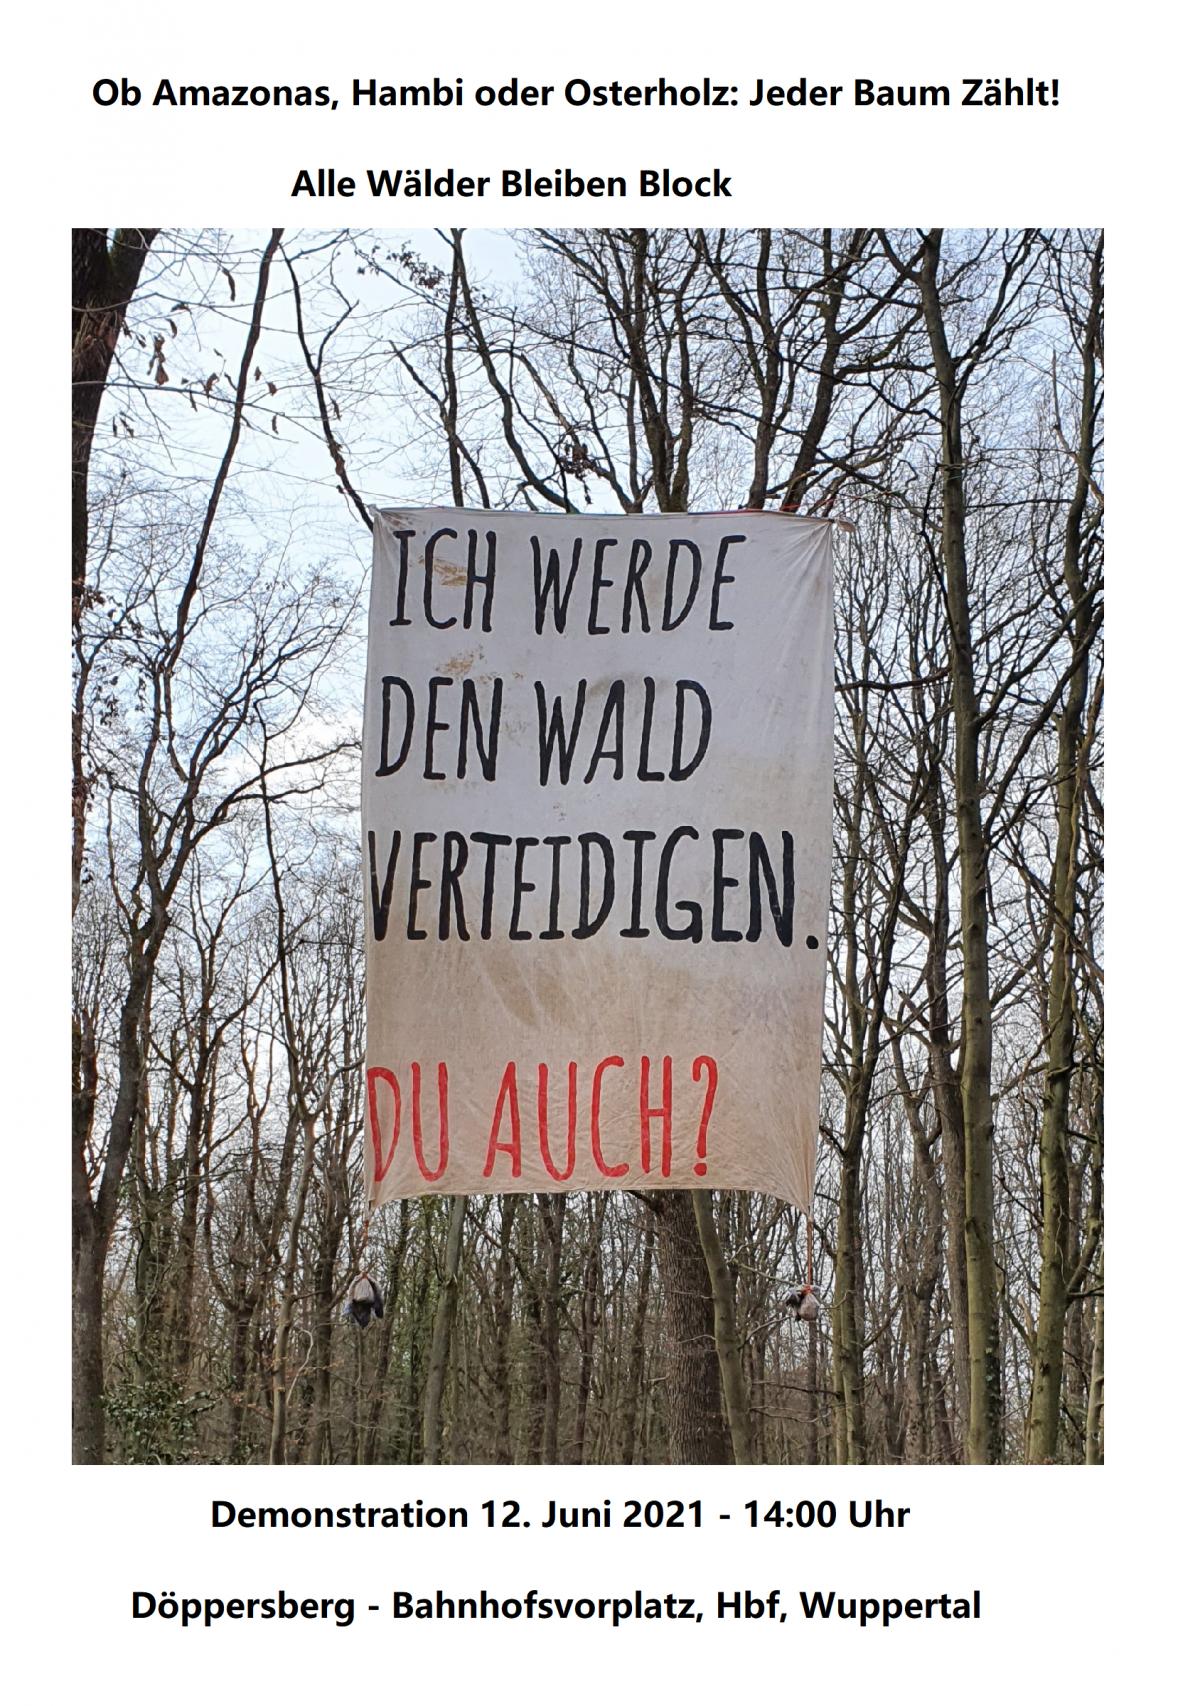 Ob Amazonas, Hambi oder Osterholz: Jeder Baum Zählt! – Ein erneuter Ruf aus dem Wald